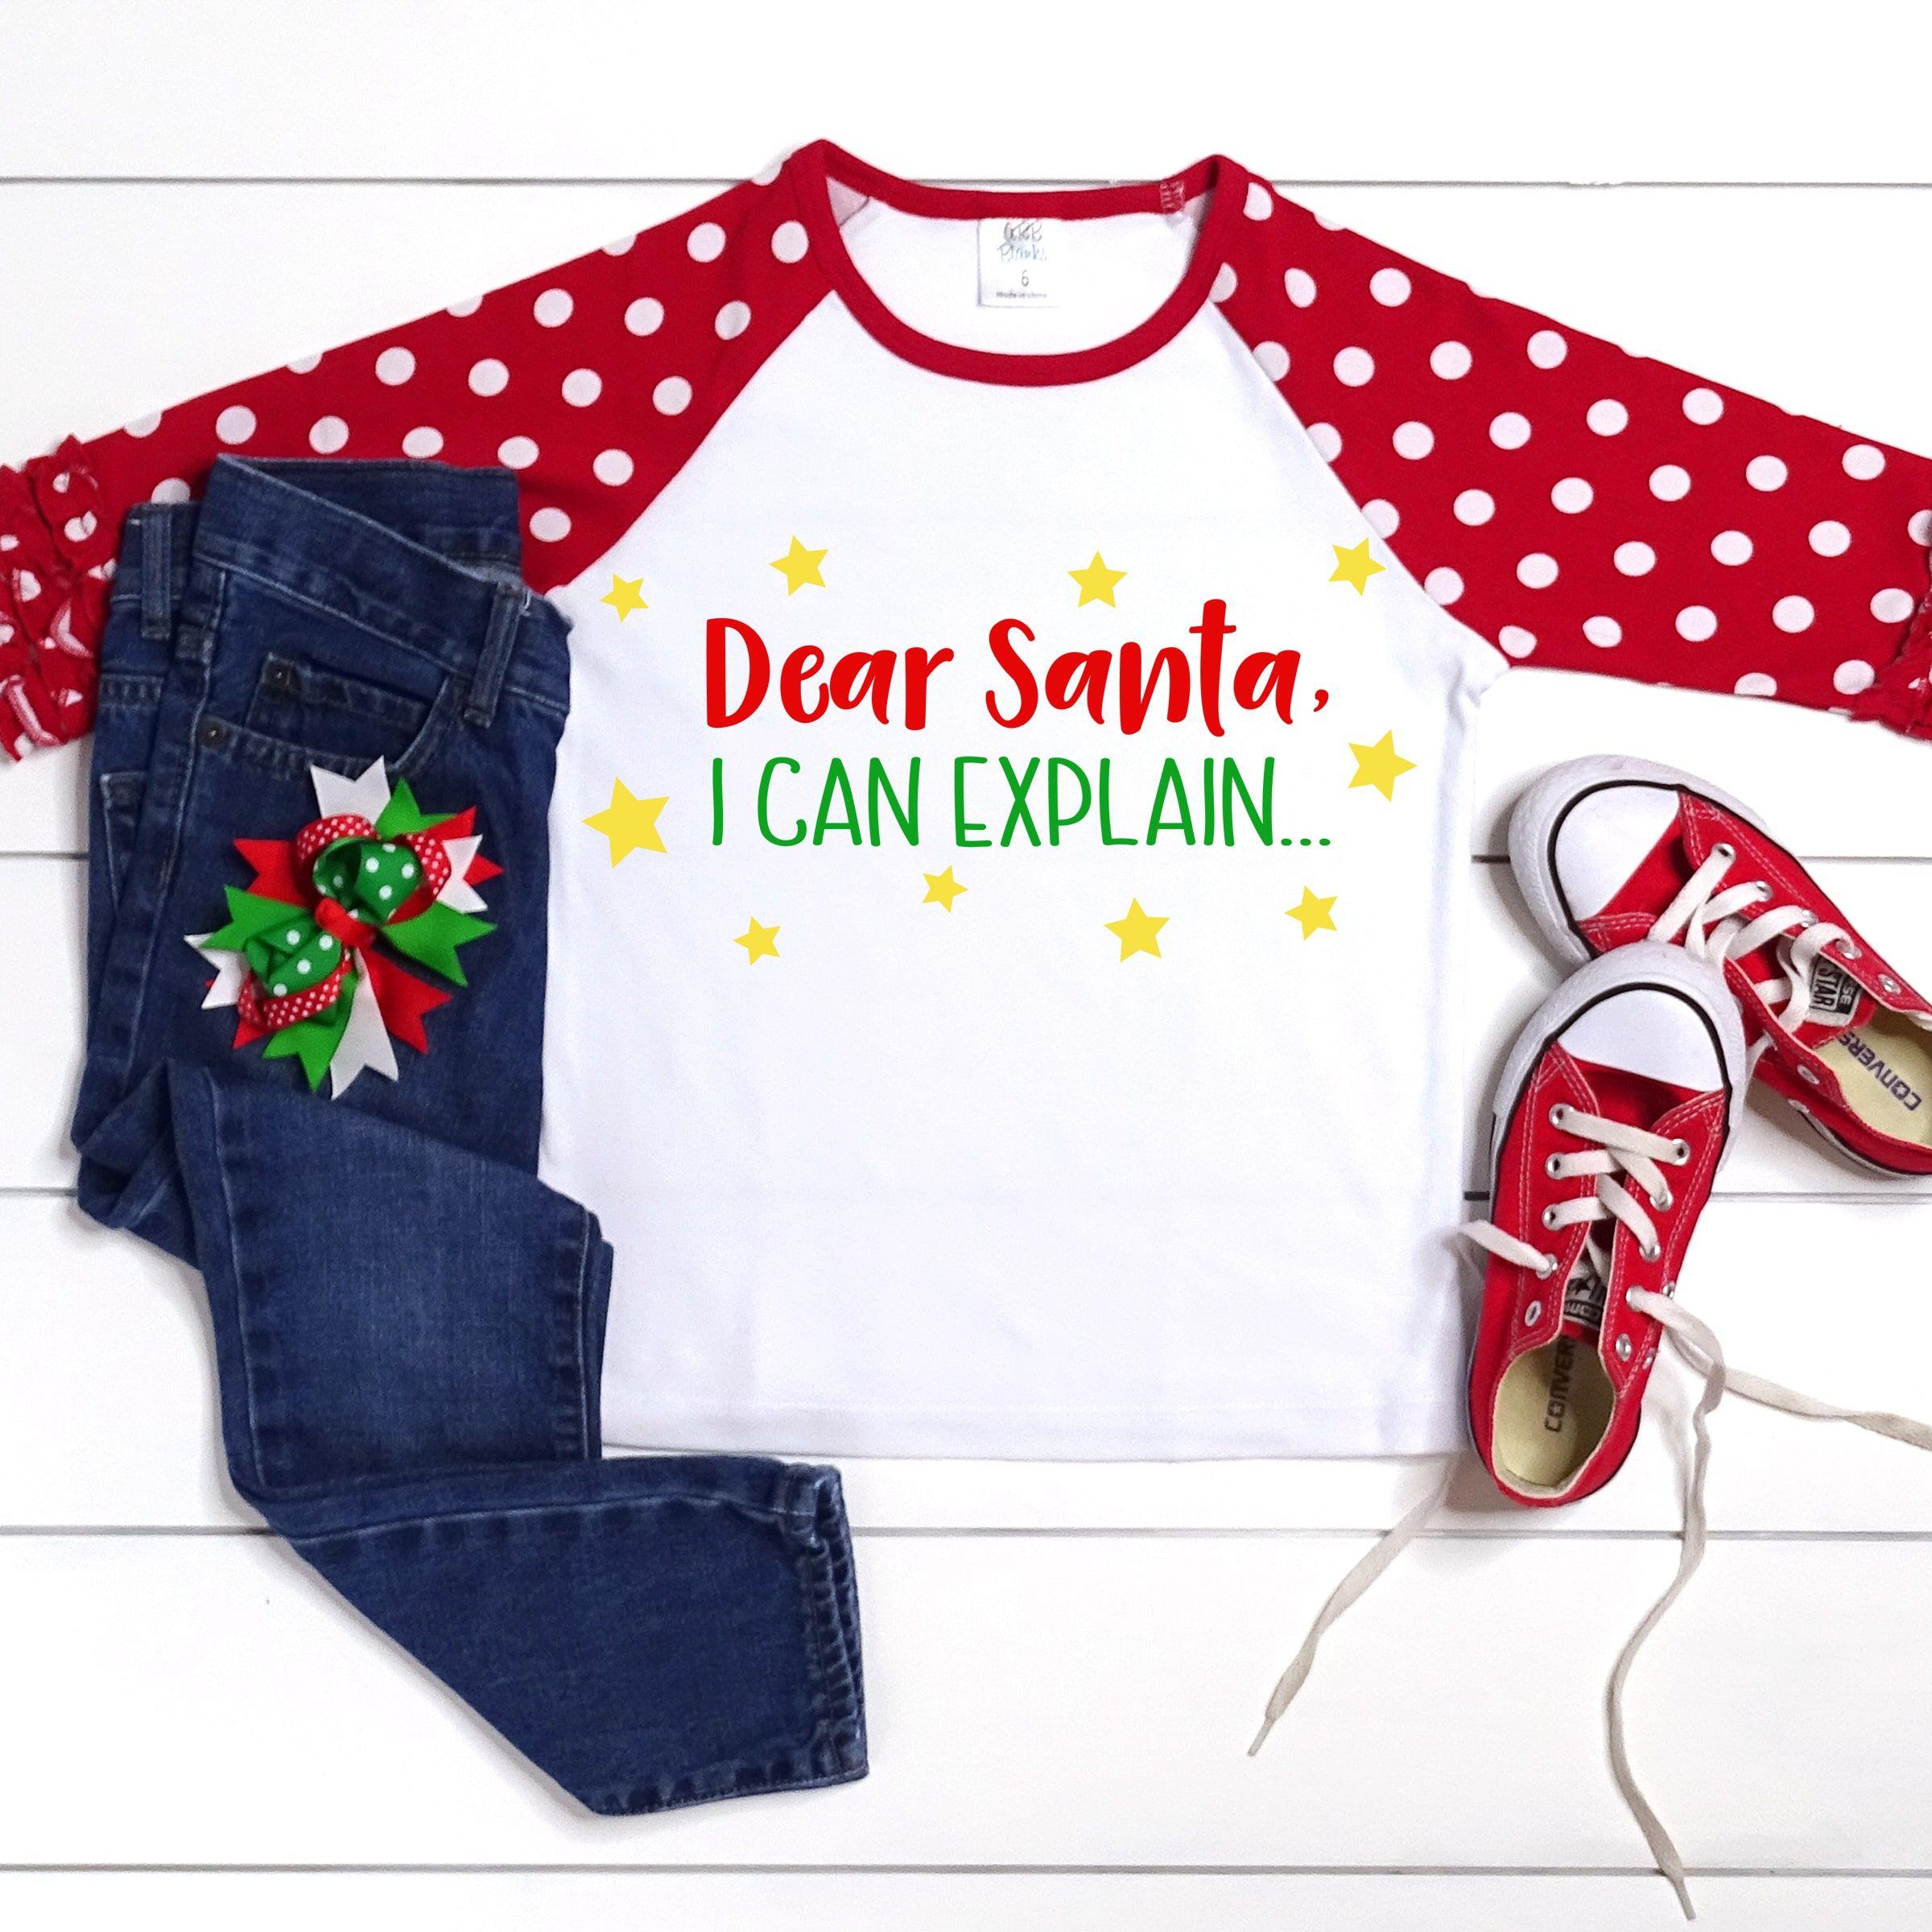 Free Christmas SVGs Make Christmas shirts, holiday decor